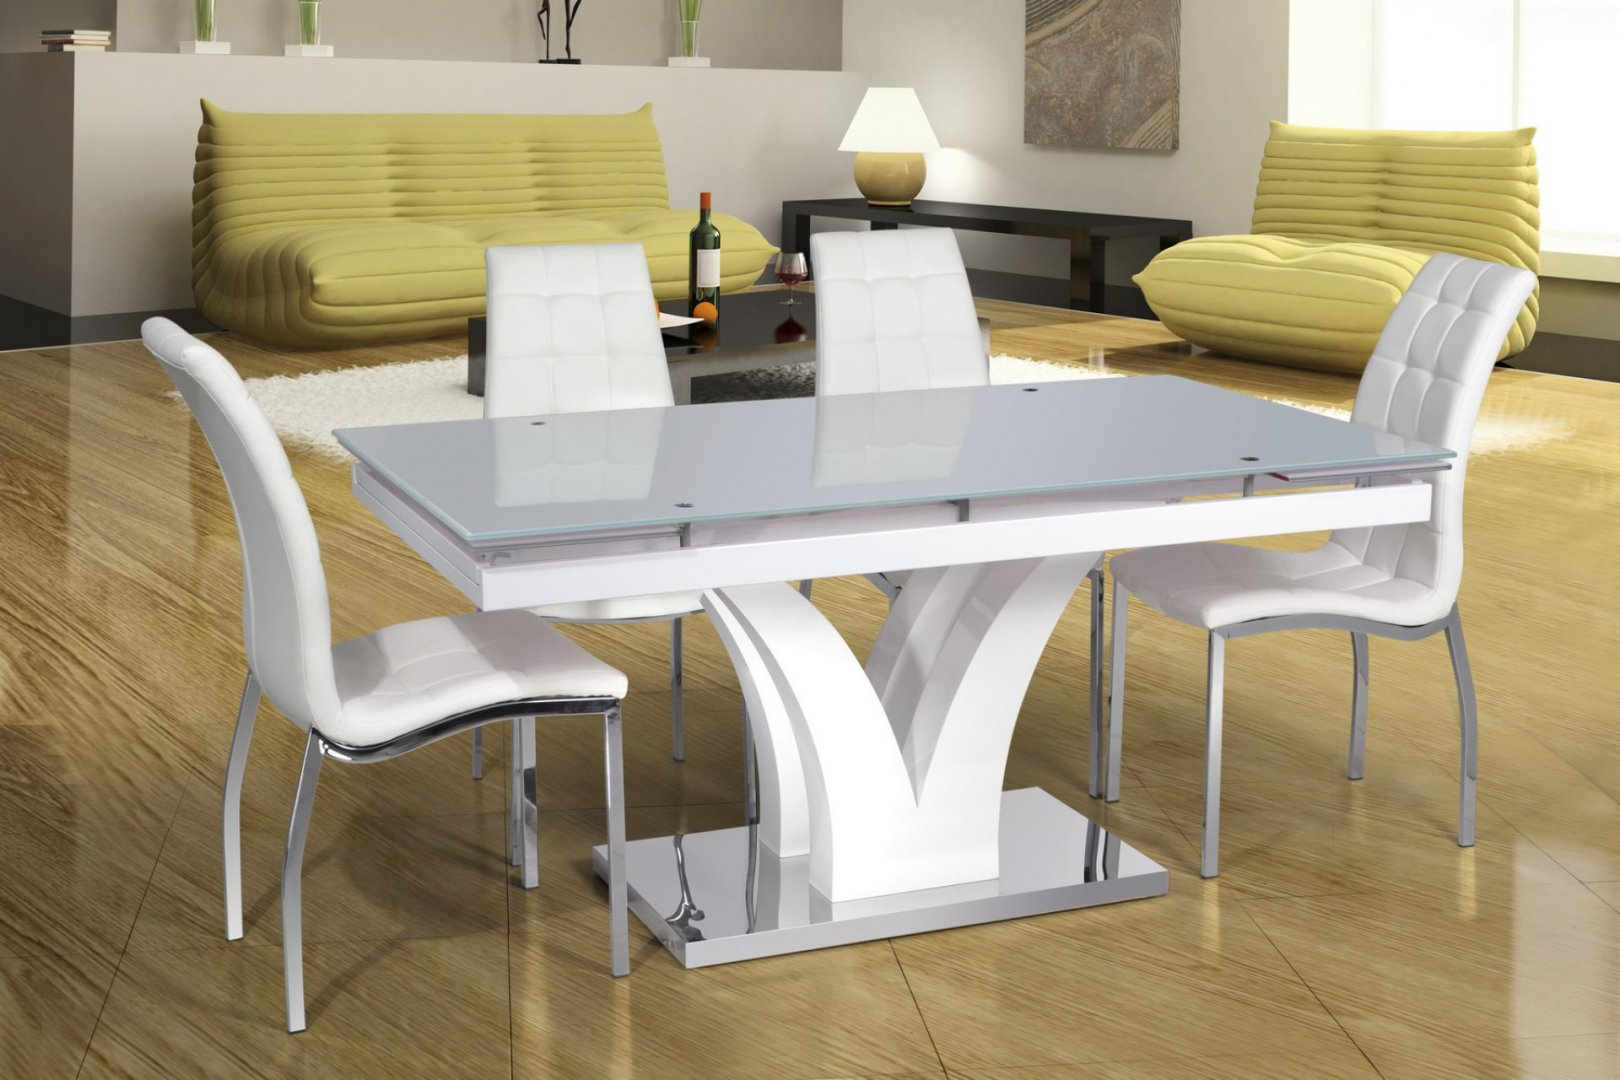 Раздвижные столы для кухни фото